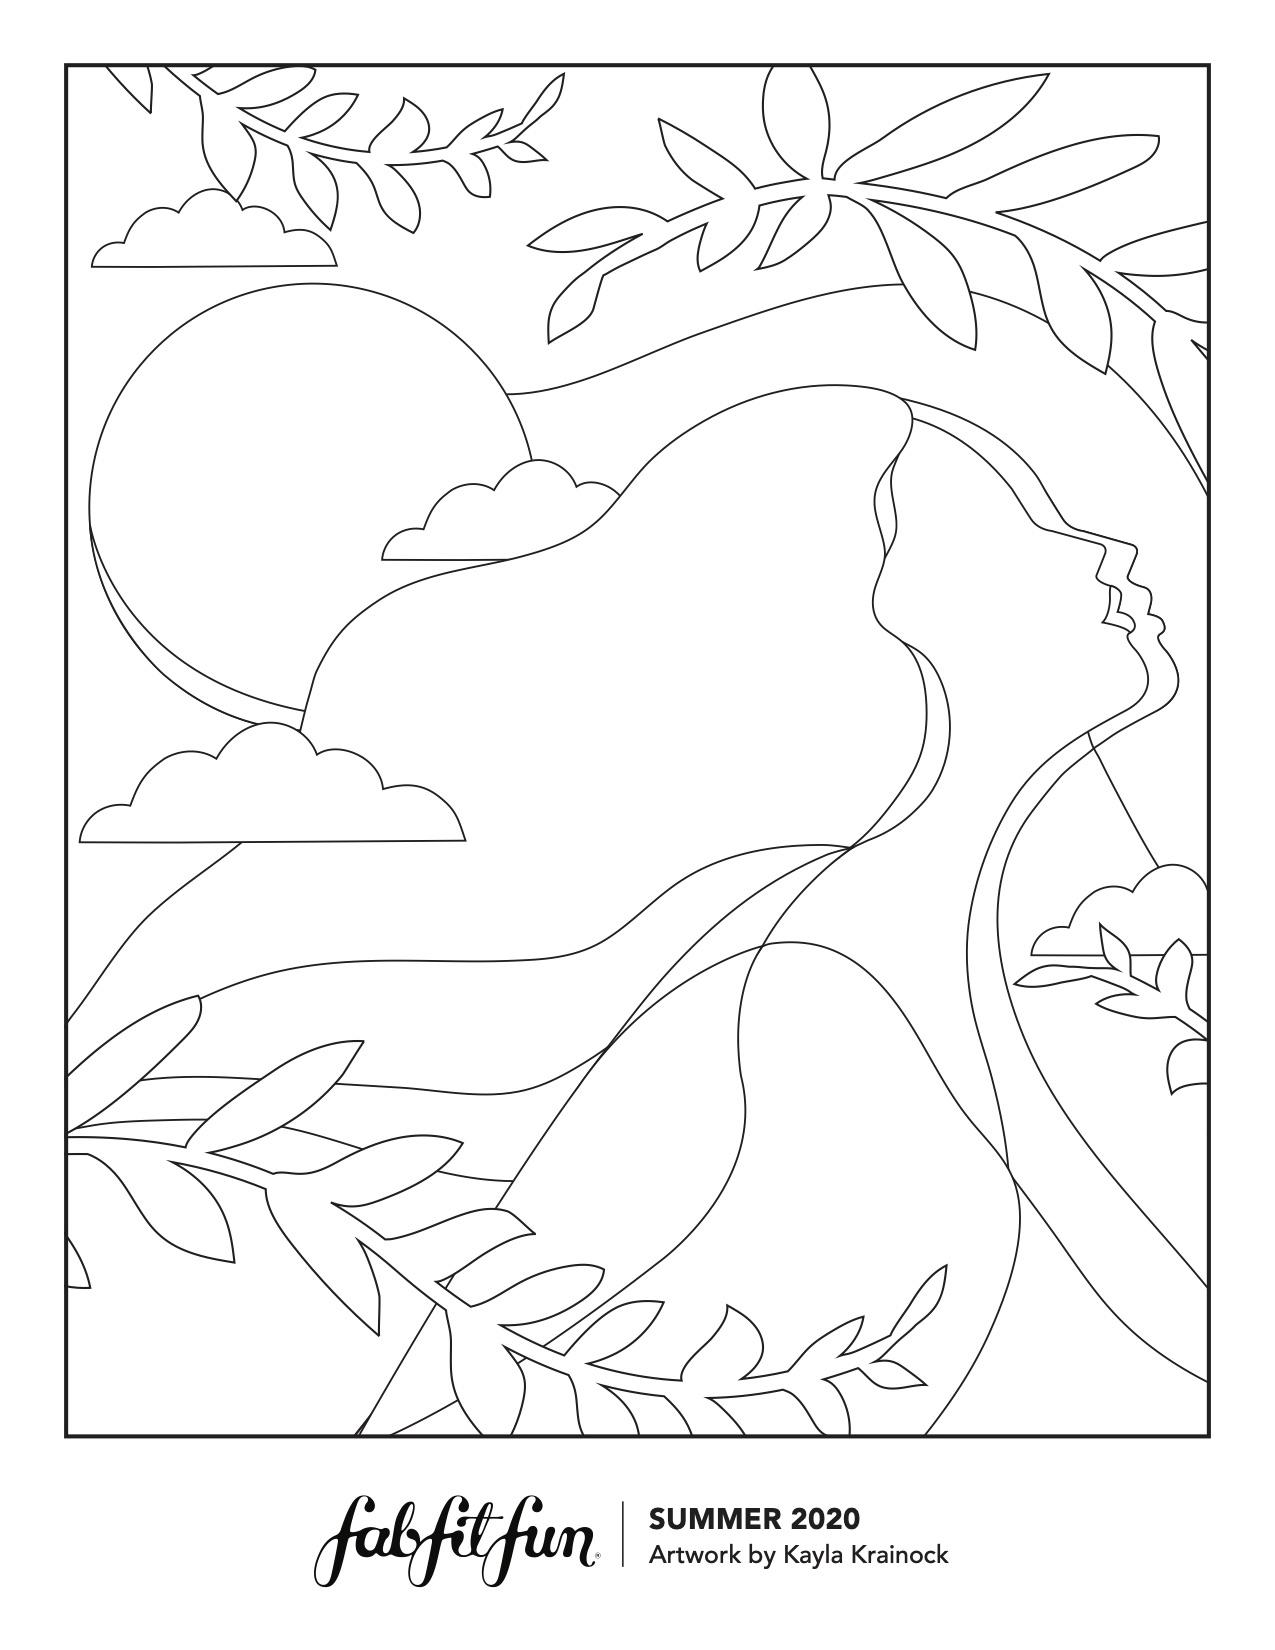 - 6 Free Coloring Sheets You Can Download - FabFitFun